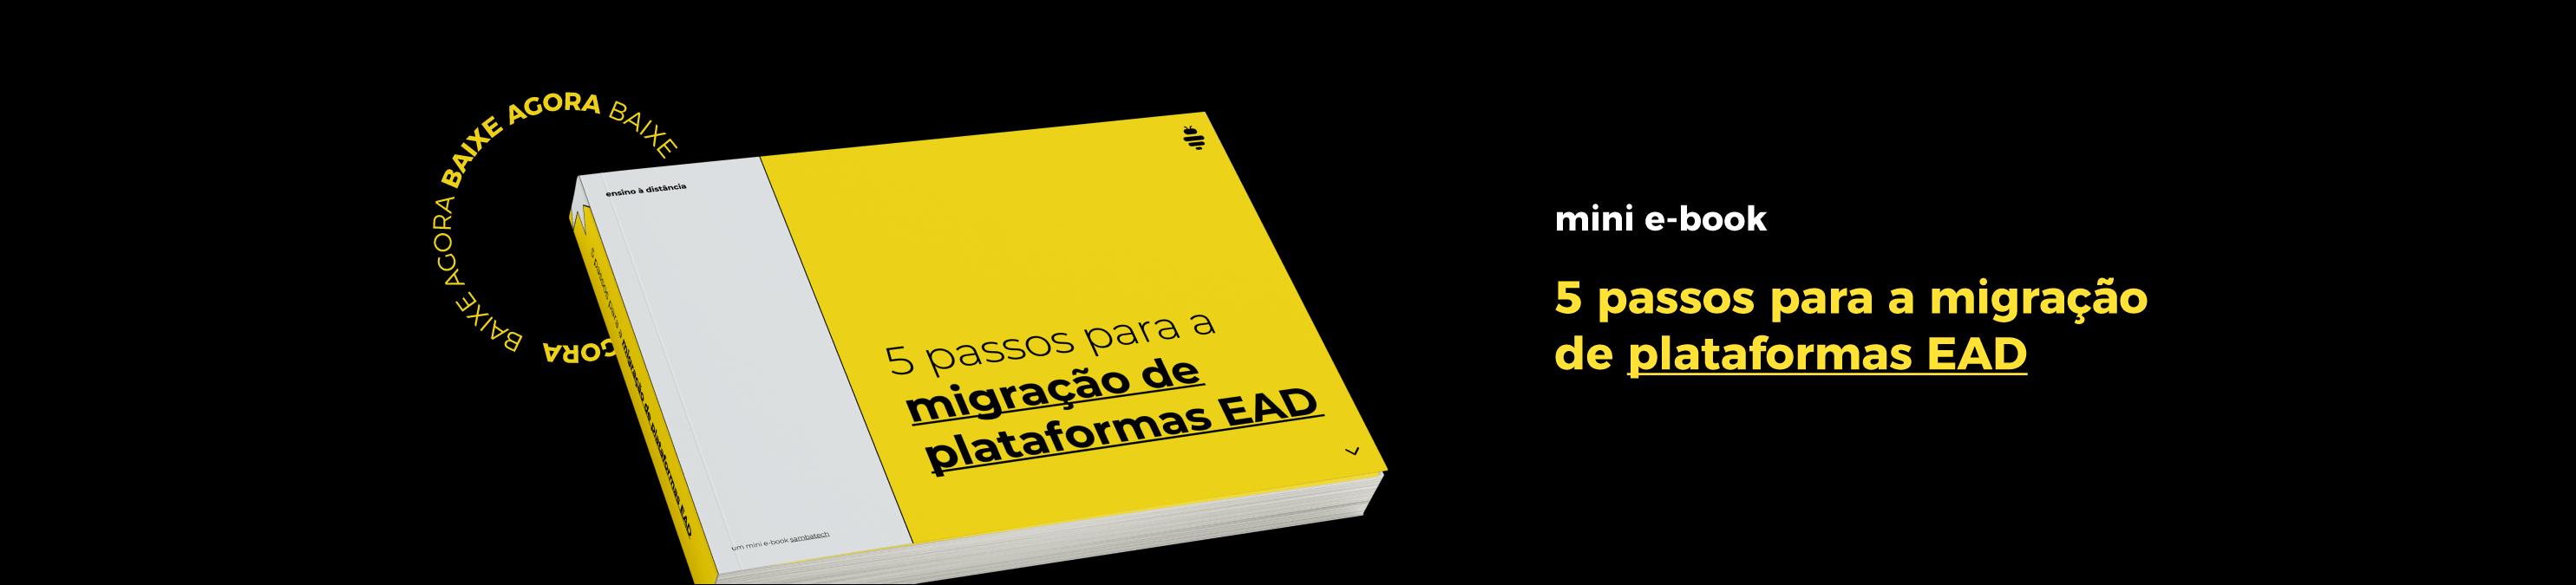 Mini Ebook - 5 passos para migração de plataformas EAD